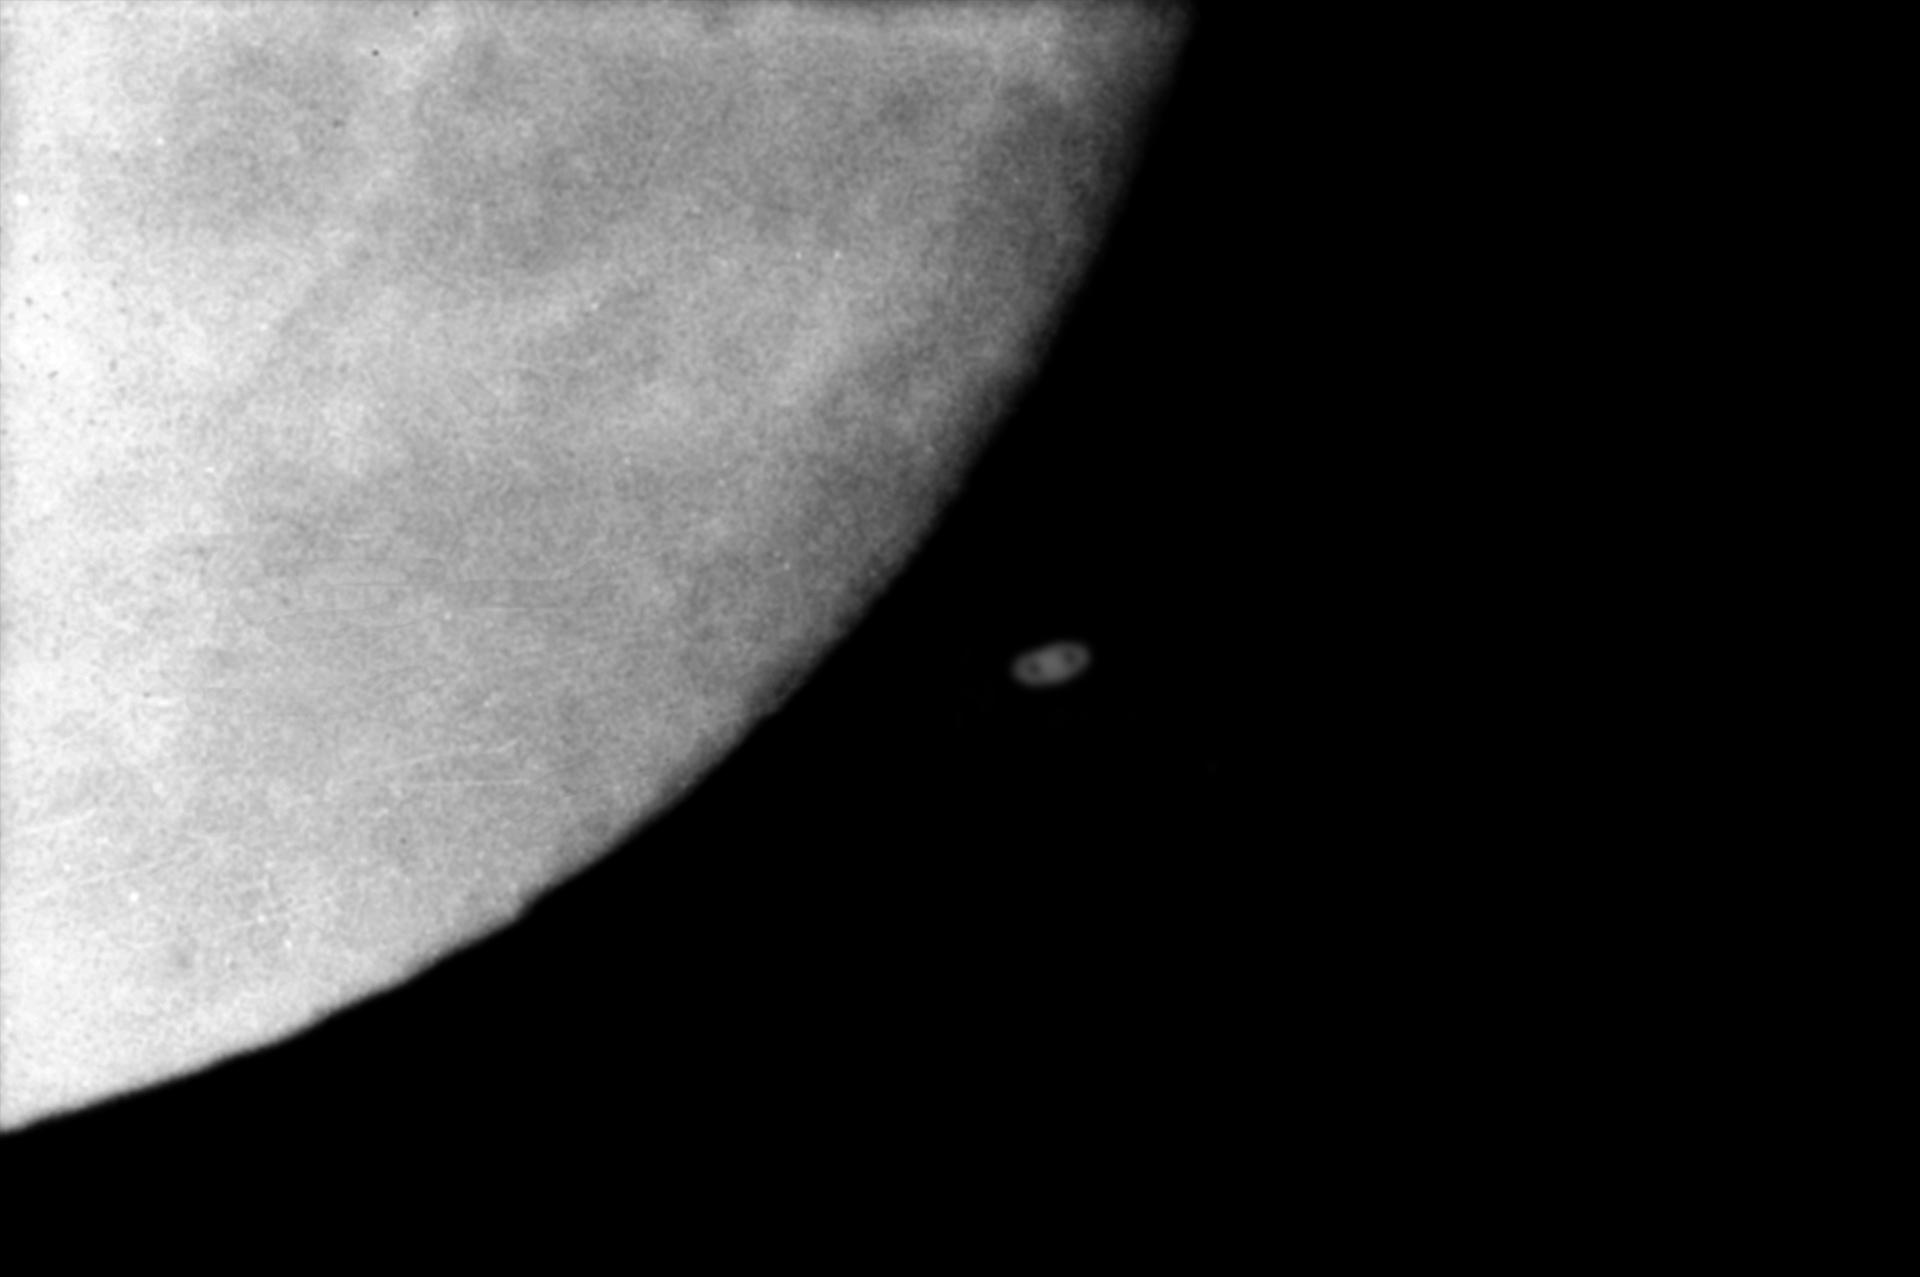 5e7ce264ed37e_Saturne-Lune11-12-1973.jpg.ee7f39aa8c7d2a55e5b7819a101cb091.jpg